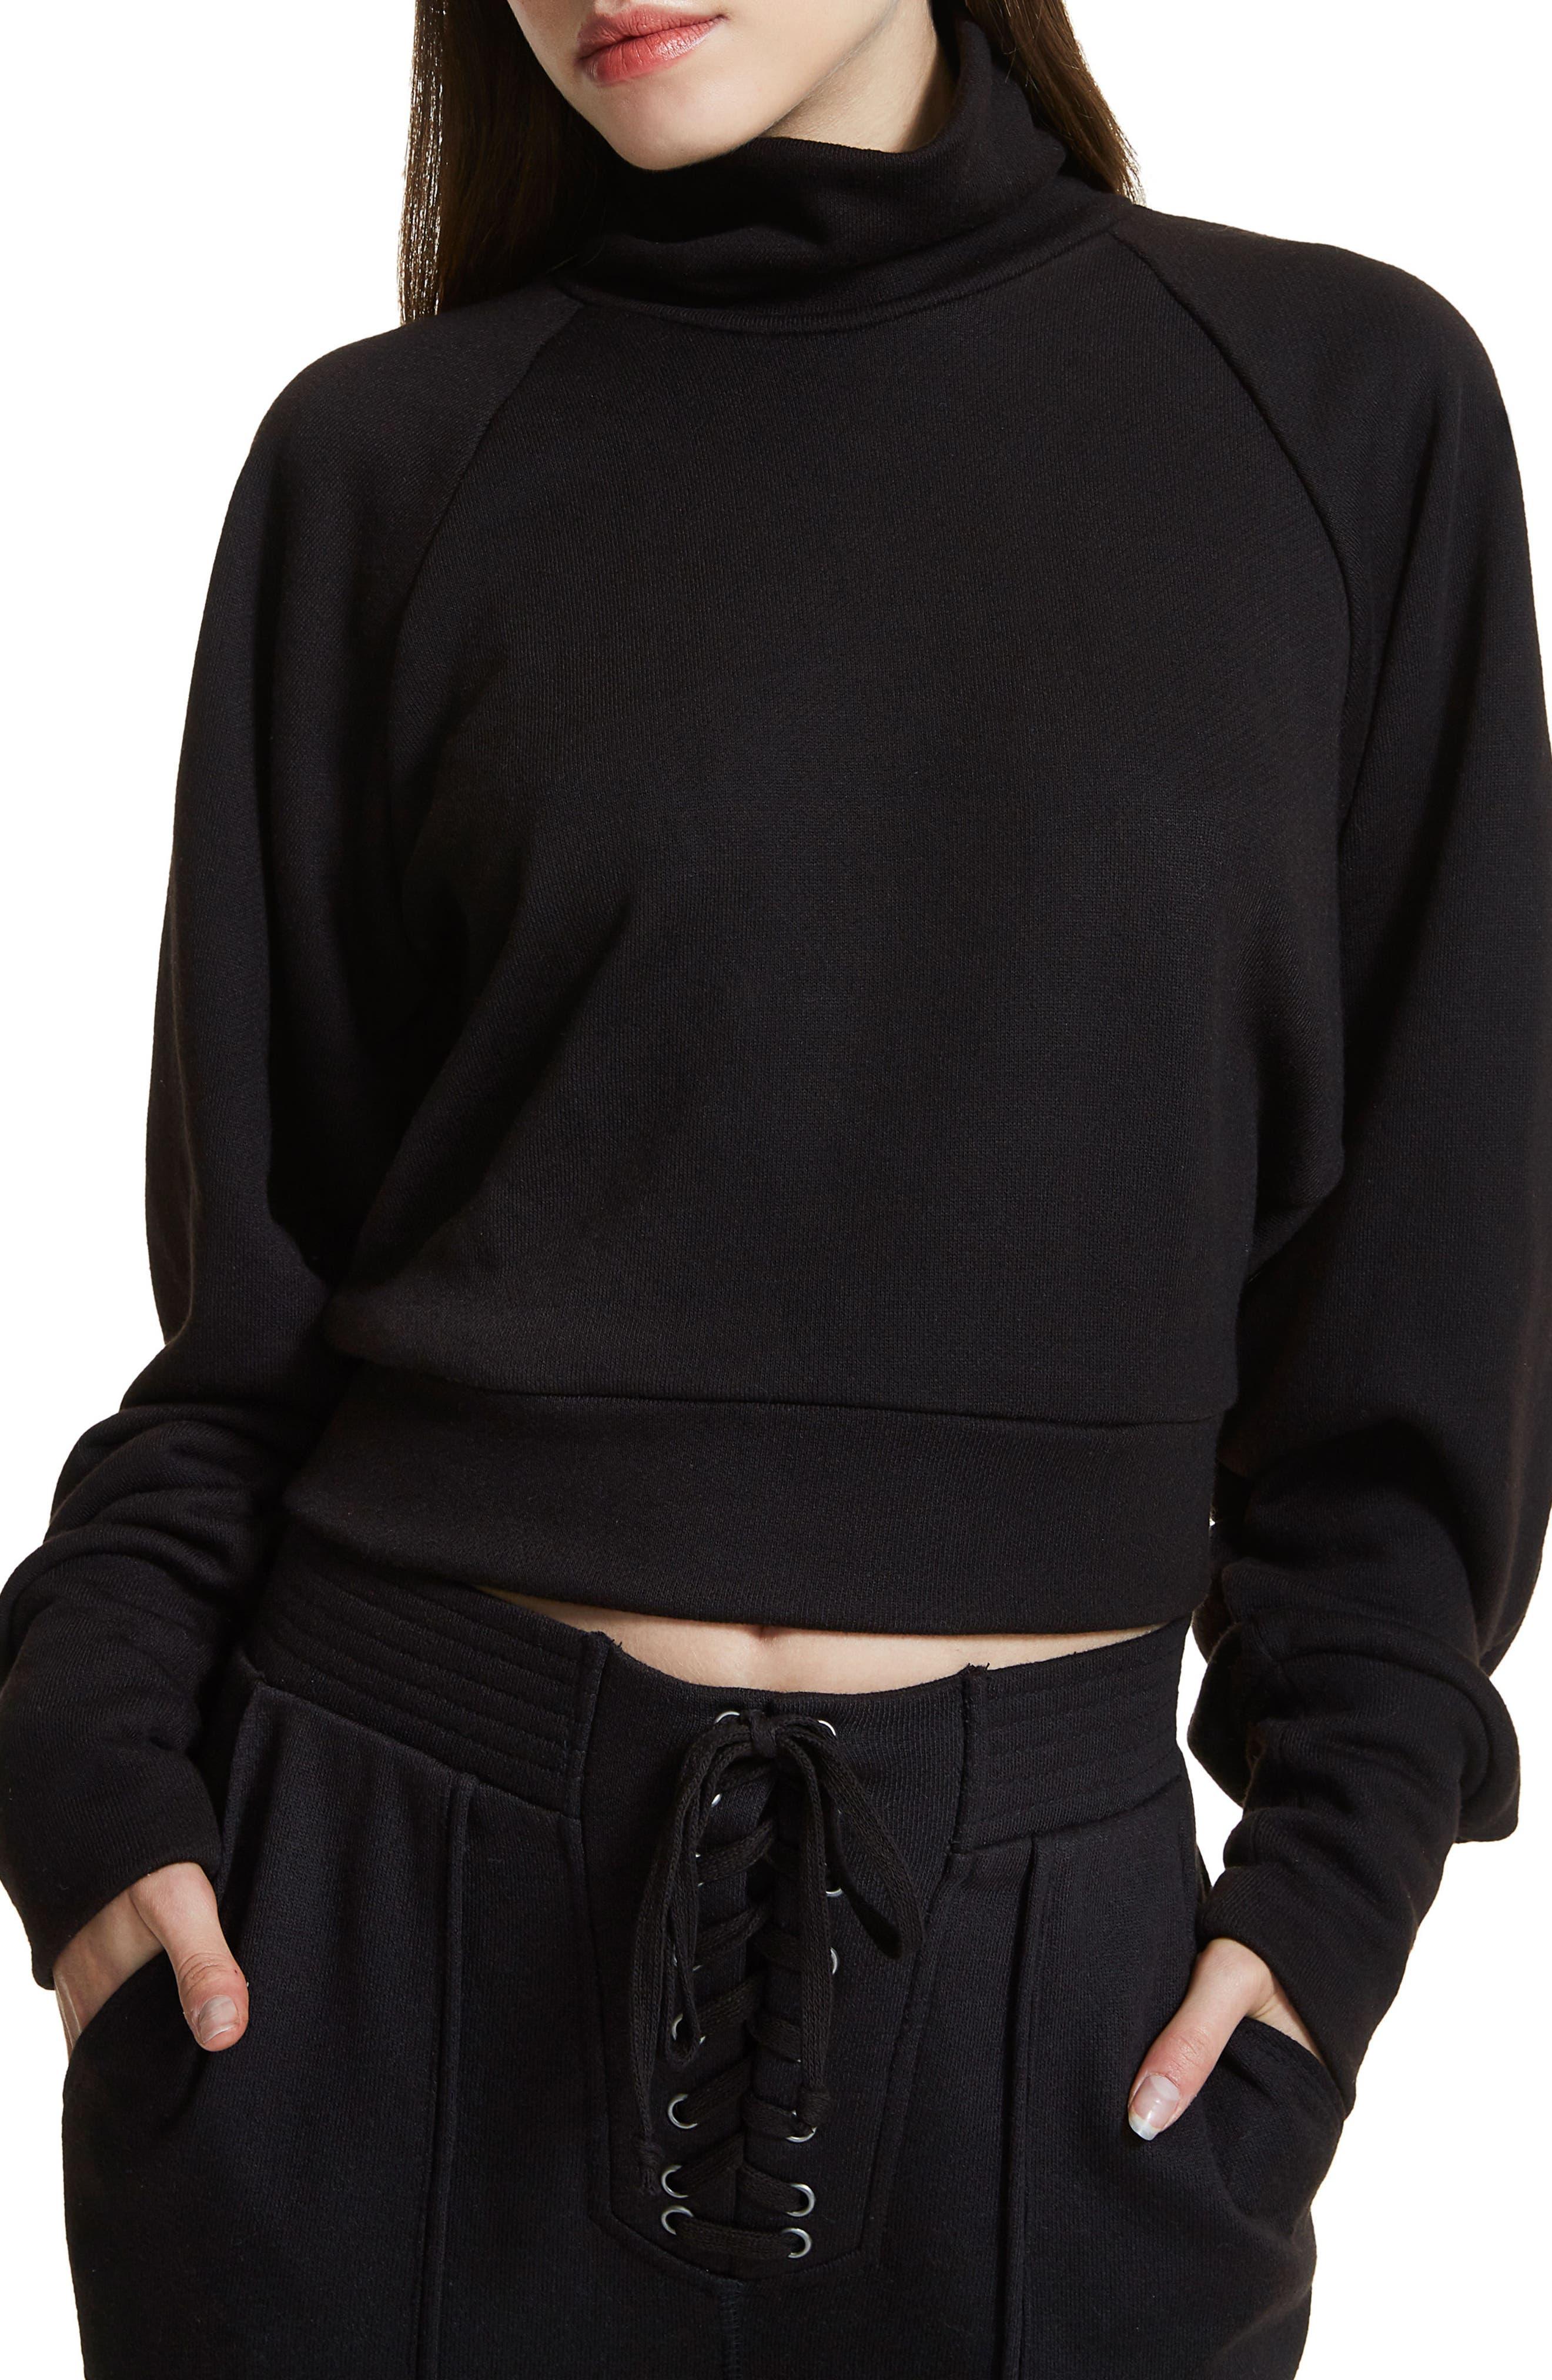 Jaxon Crop Turtleneck Sweatshirt,                         Main,                         color, 001